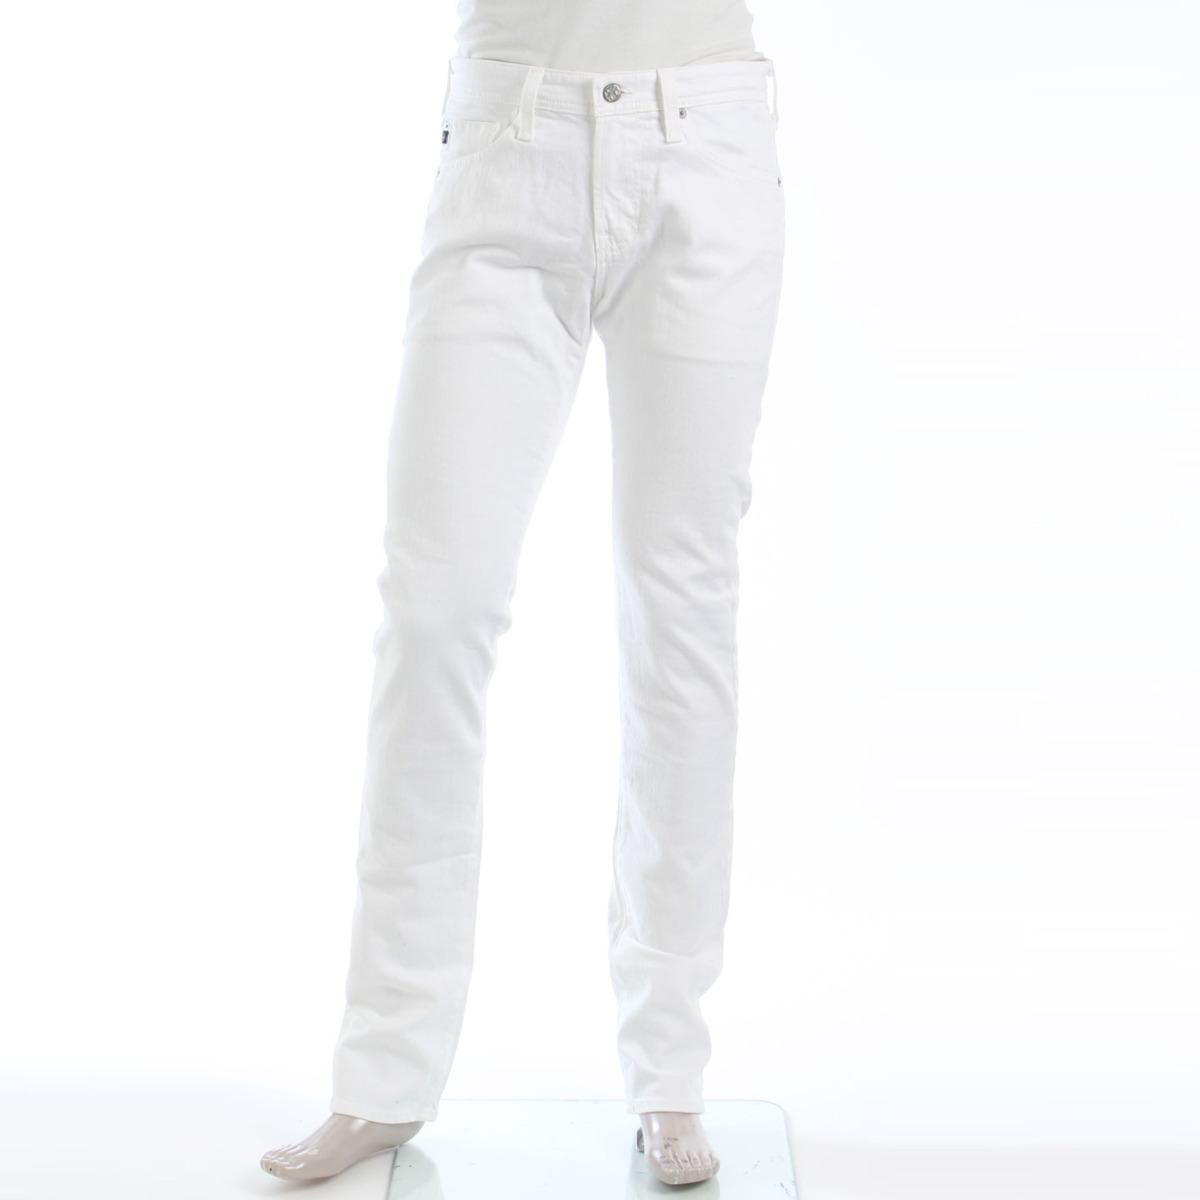 【ソノタ】 AGジーンズ スリムスキニー デニム パンツ THE DYLAN ホワイト 29 【中古】【鑑定済・正規品保証】【送料無料】19622